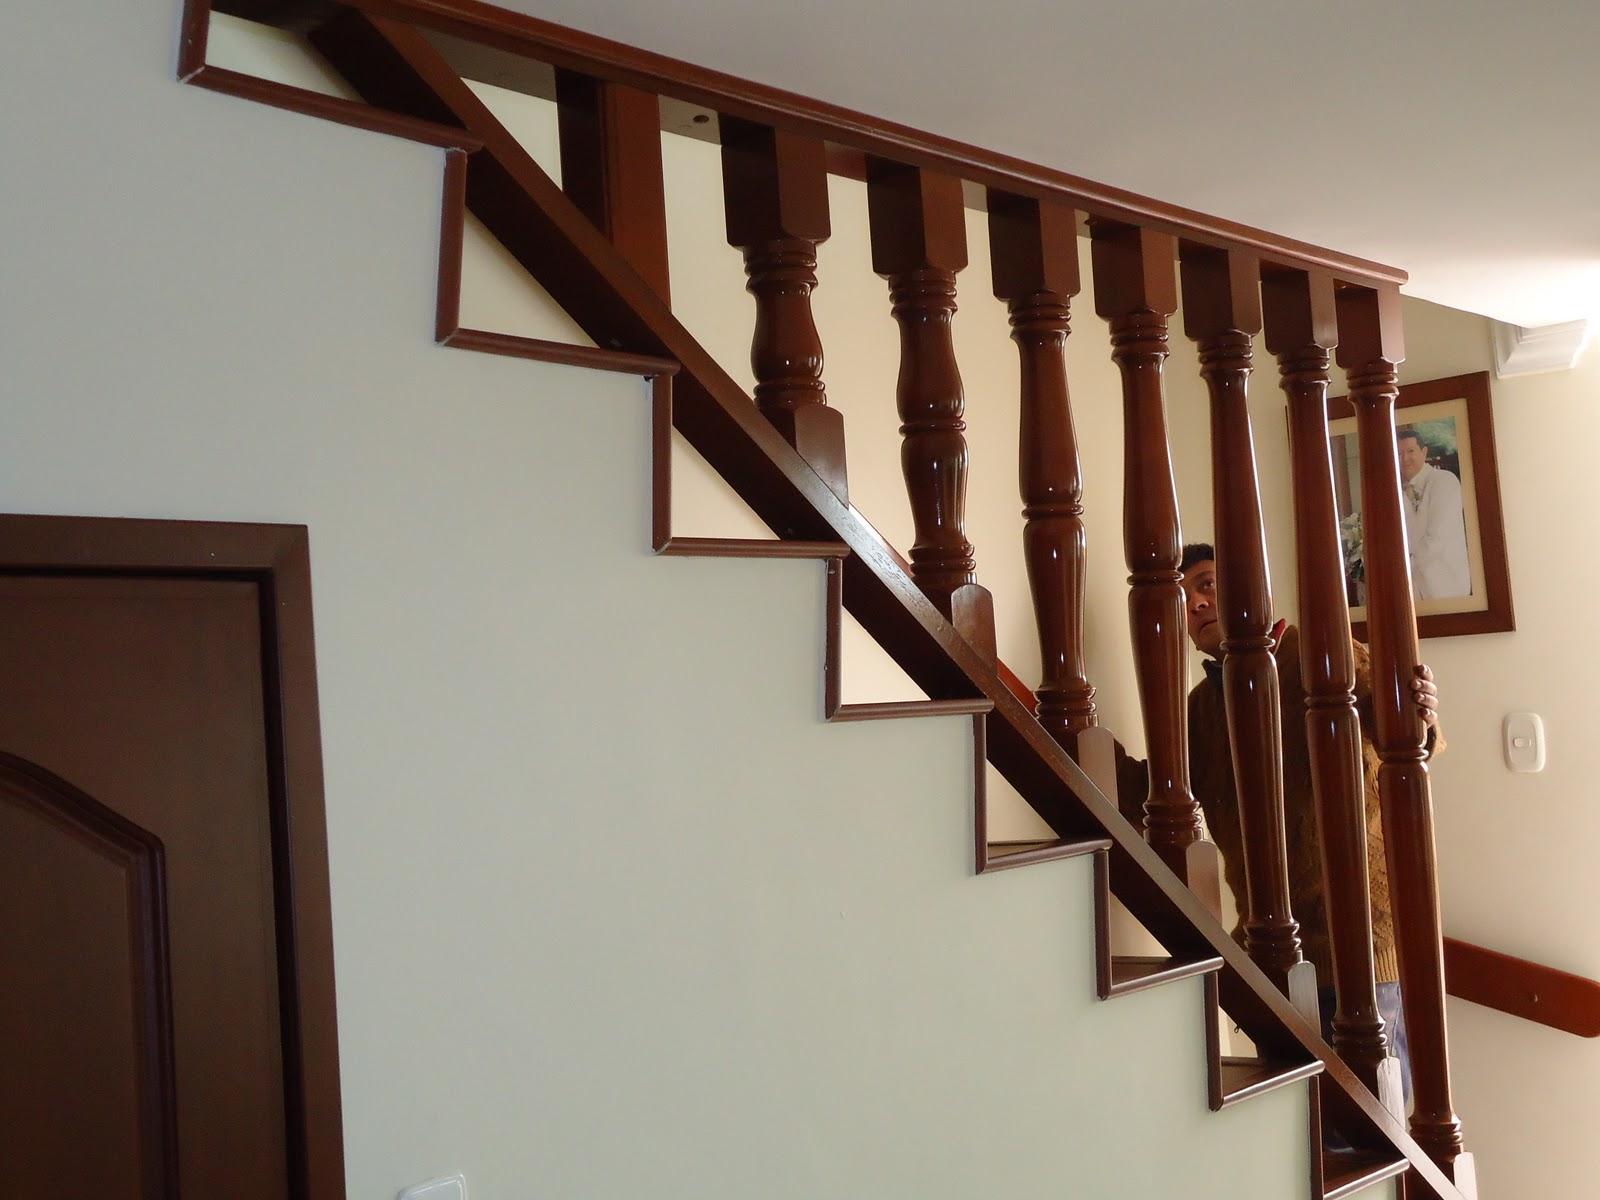 Muebles gamdino pasa manos y pasos de escalera - Muebles en escalera ...